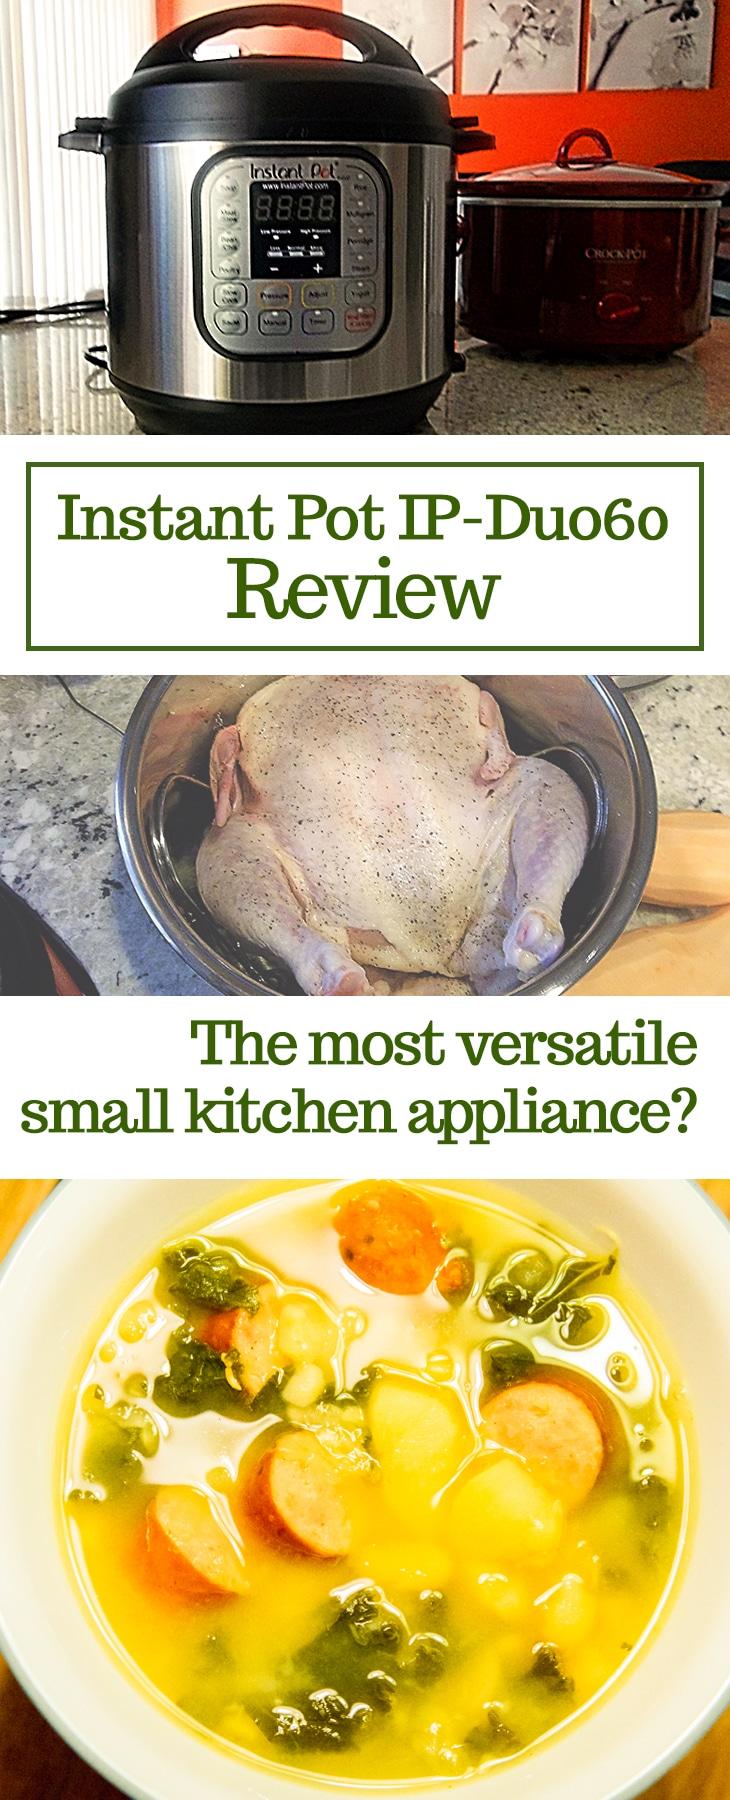 Instant pot review